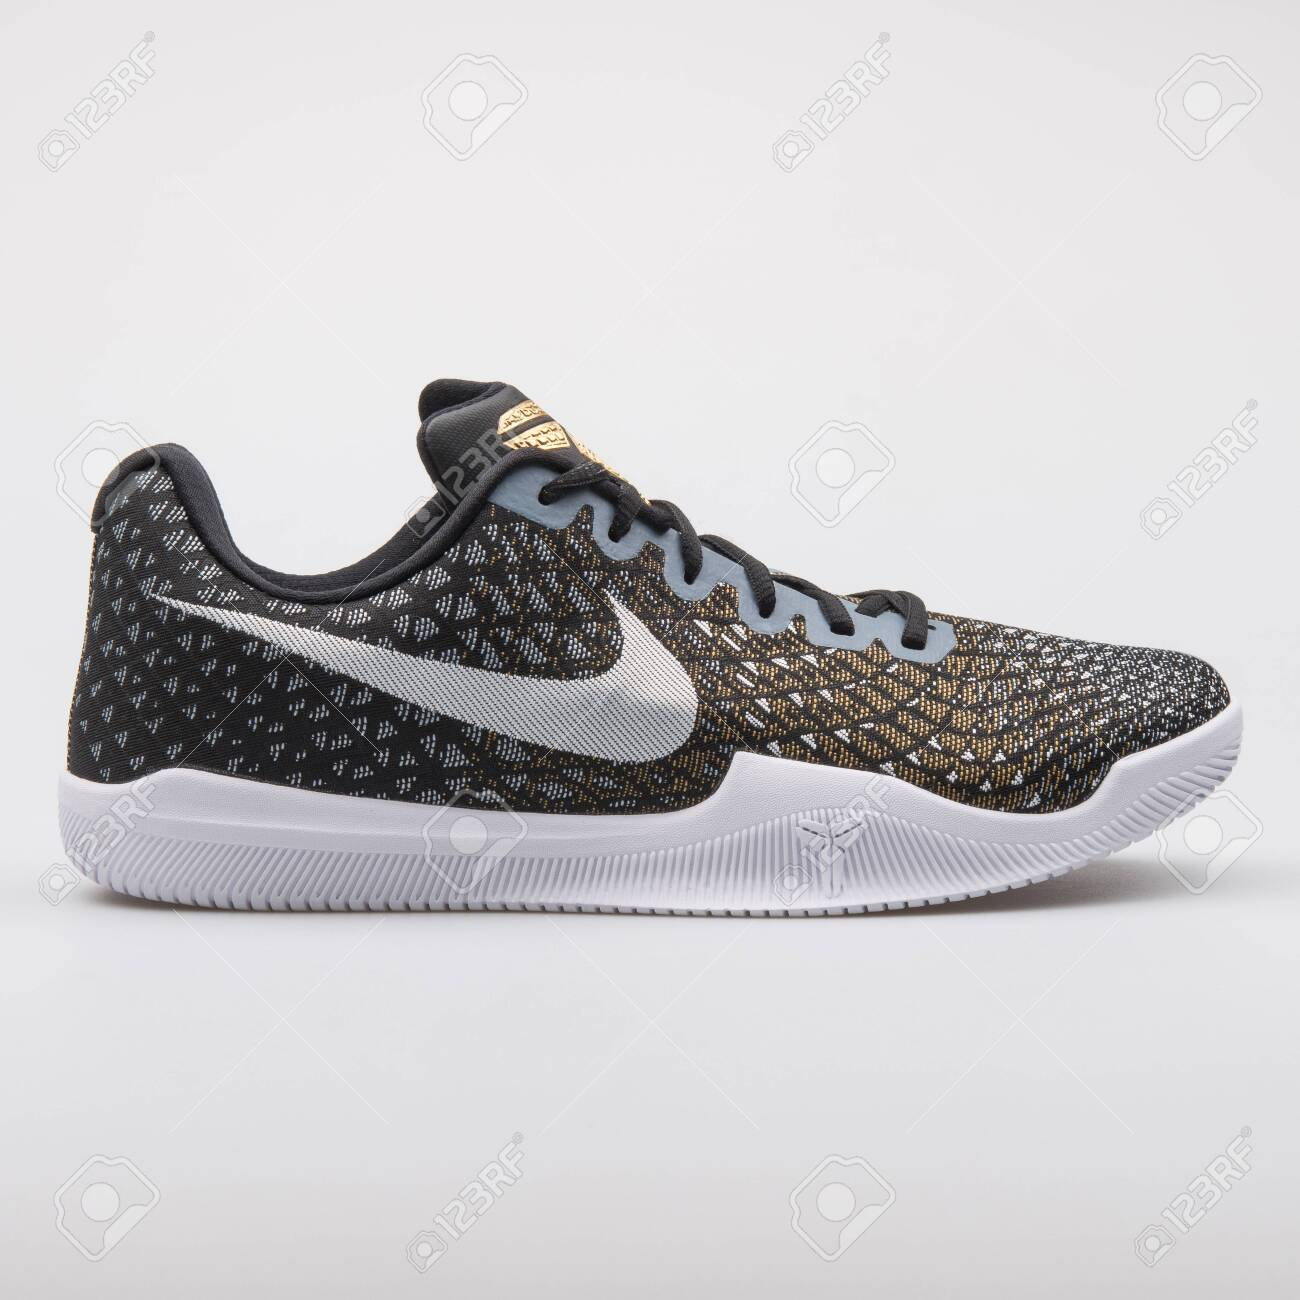 Nike Kobe Mamba Instinct Black.. Stock